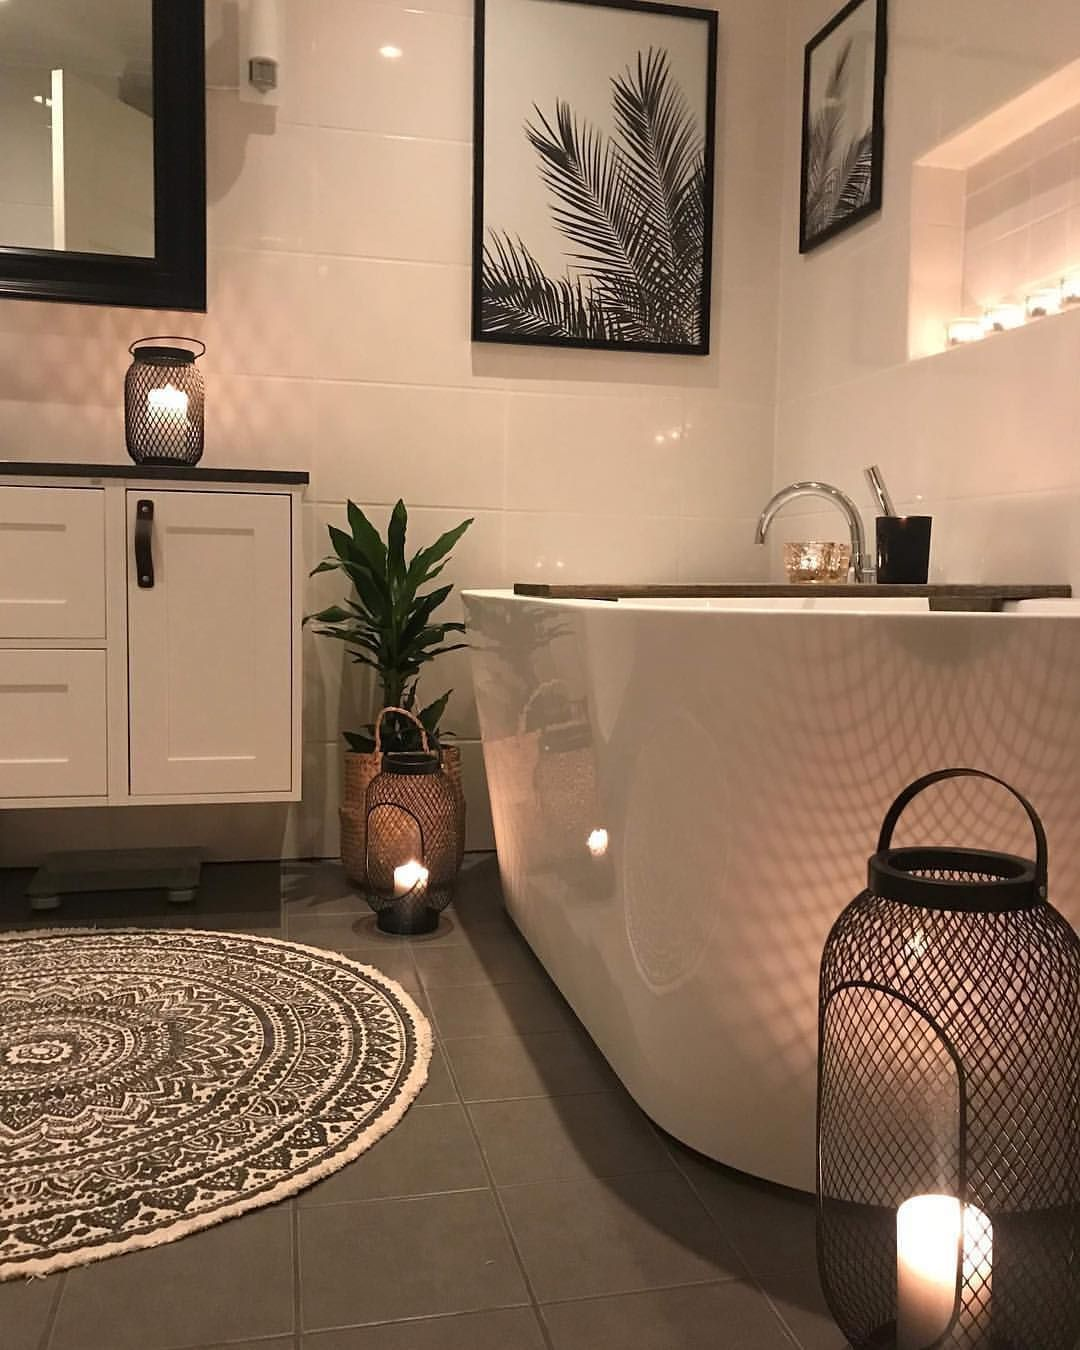 Kleines Badezimmer Schwarz Weis Einrichtung Dekorieren Ideen Small Bathroom Blackandwhite Interiordesign Wohnung Wohnen